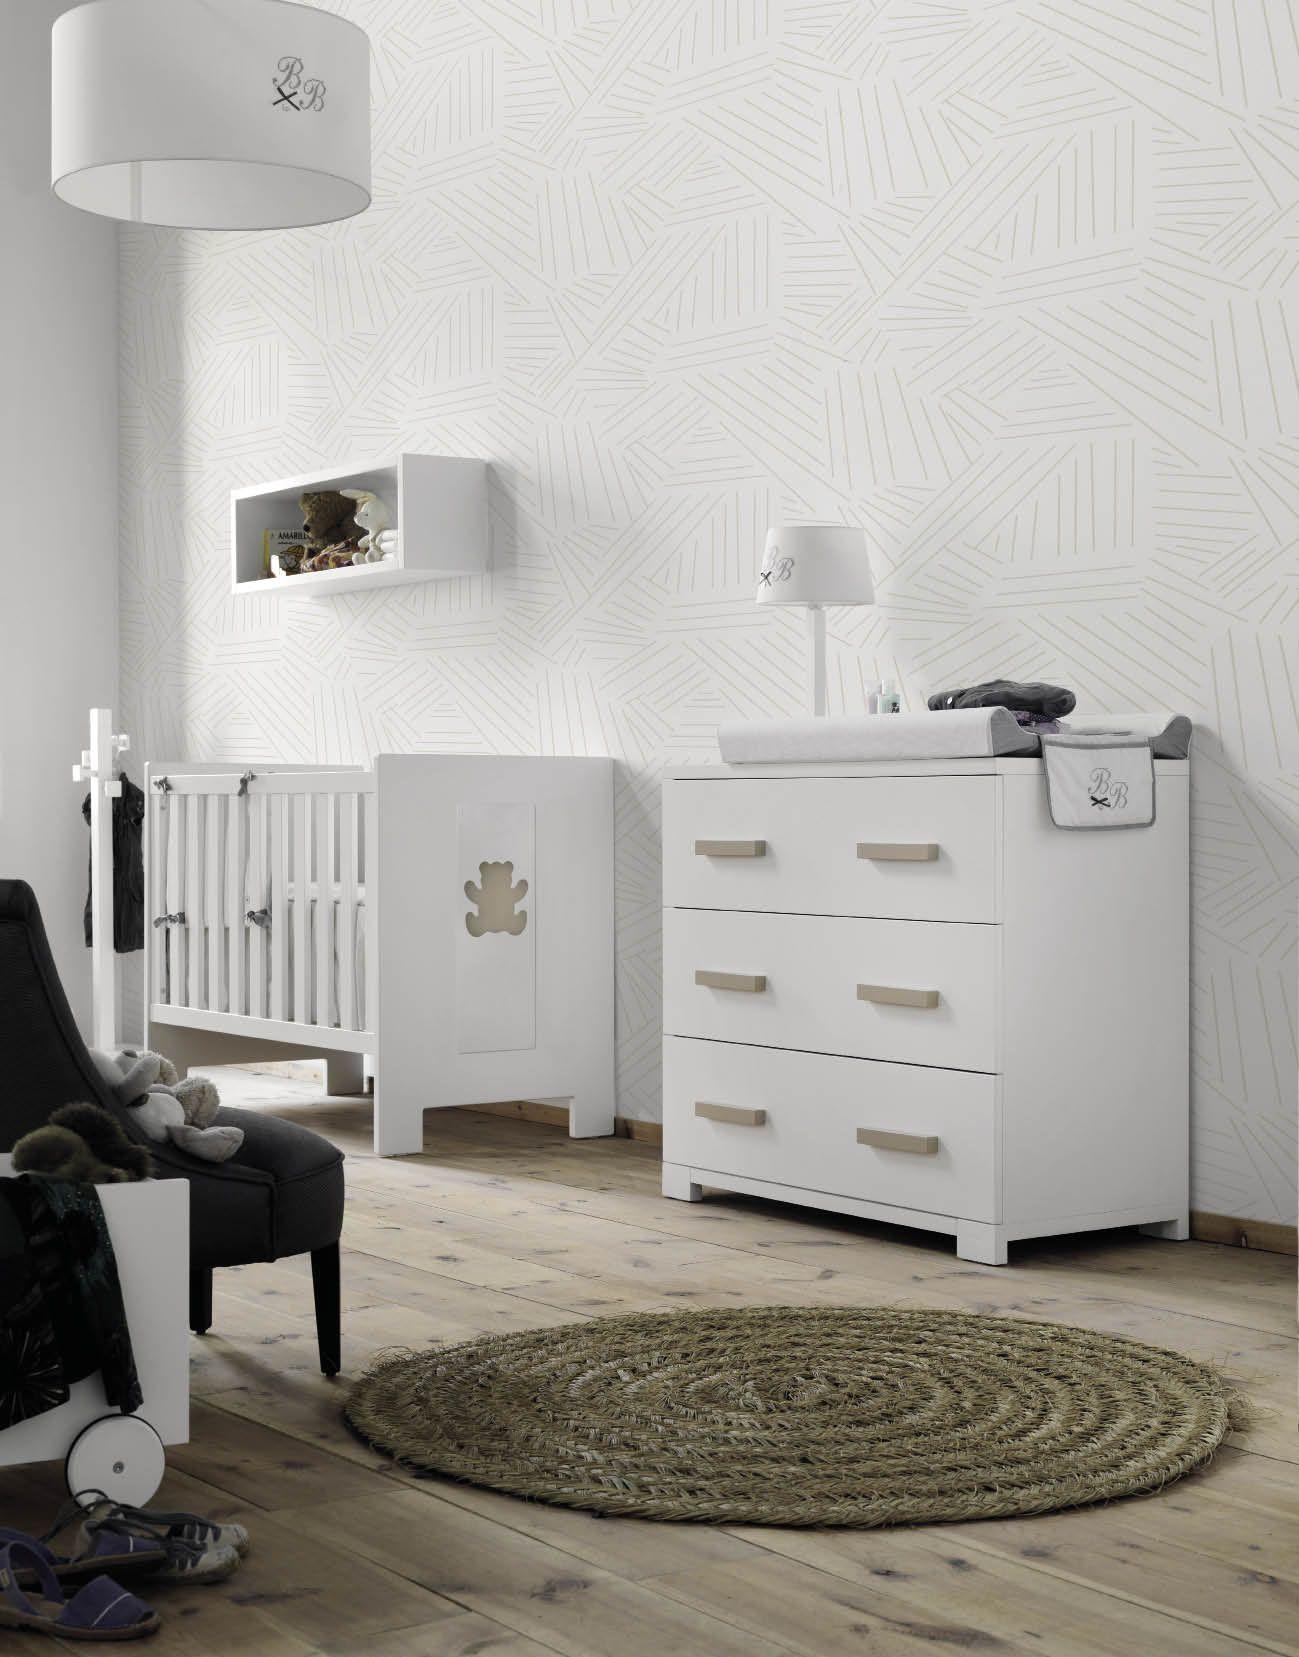 Cunas de madera para bebés #decoracion #blancas #nordica   Muebles ...